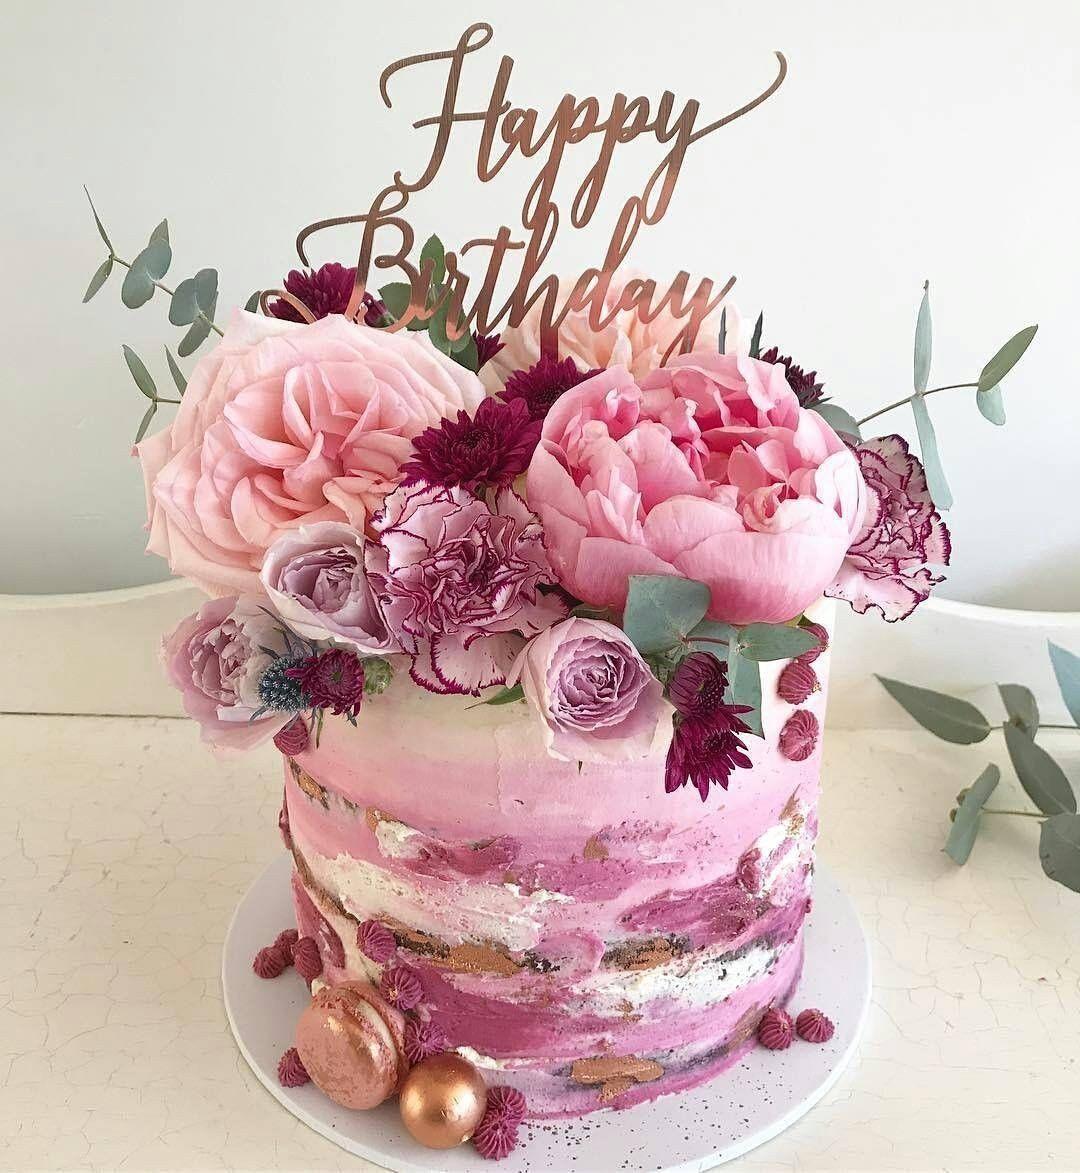 Cakes Bestlooks Birthday Cake With Flowers Birthday Cake Decorating Beautiful Birthday Cakes